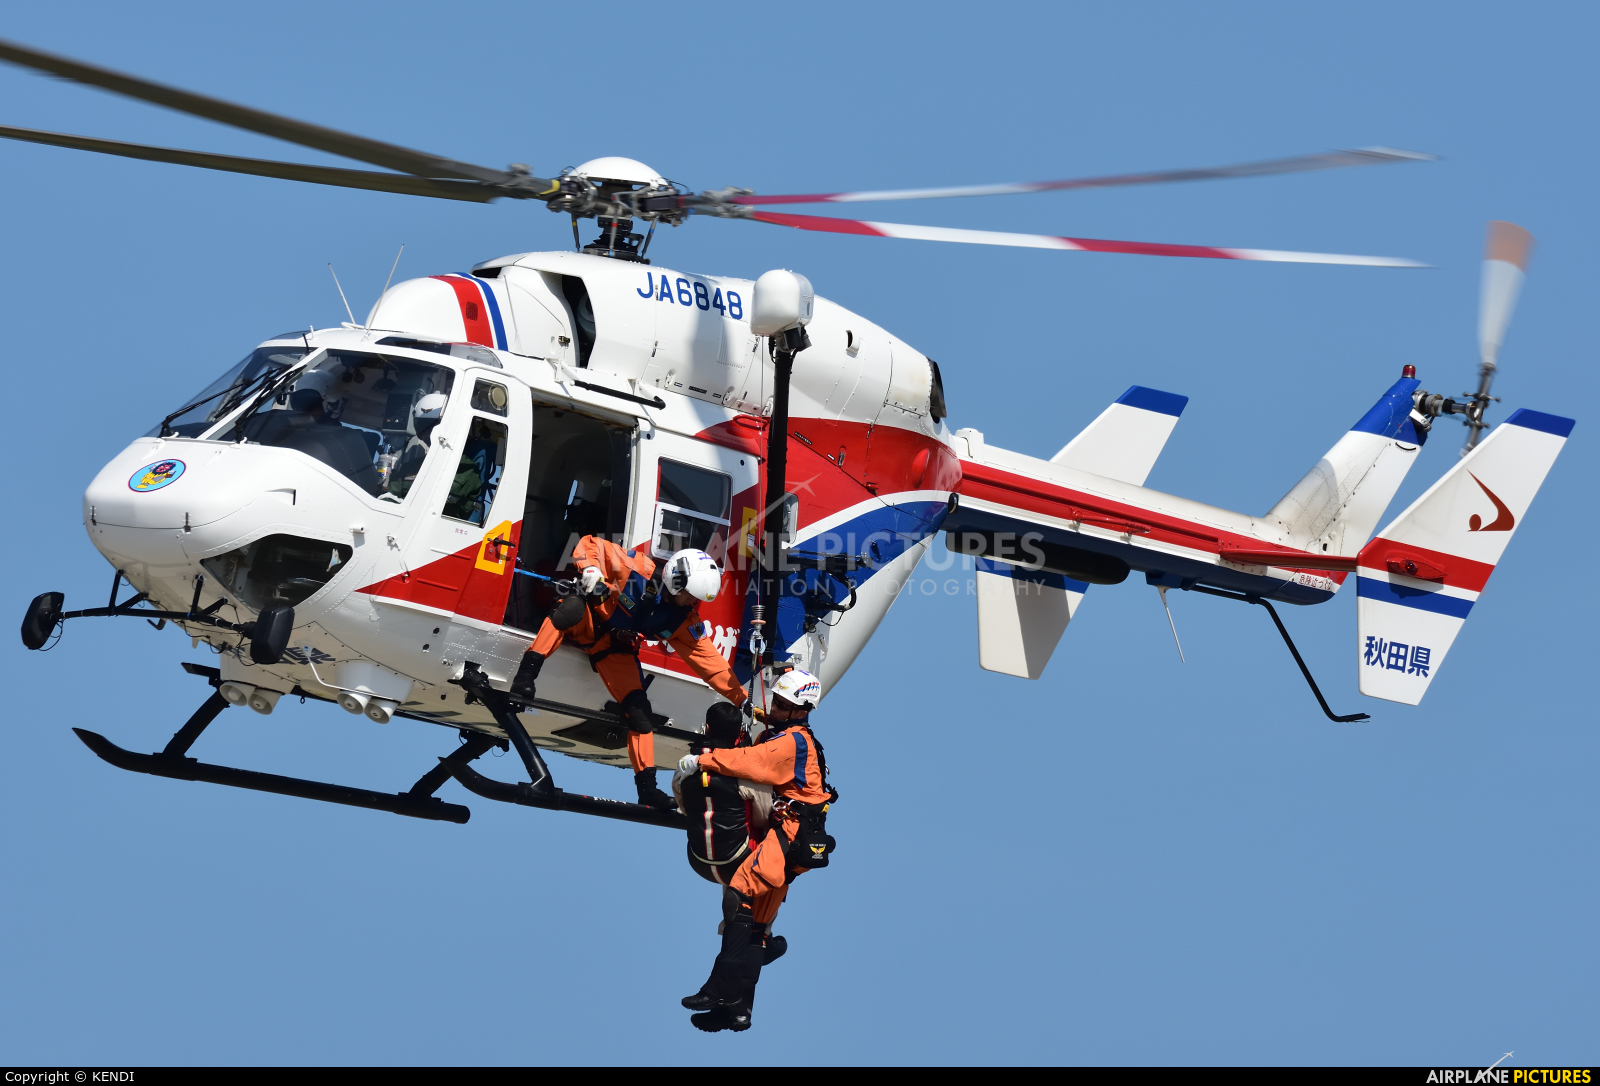 Japan - Fire and Disaster Management Agency JA6848 aircraft at Akita